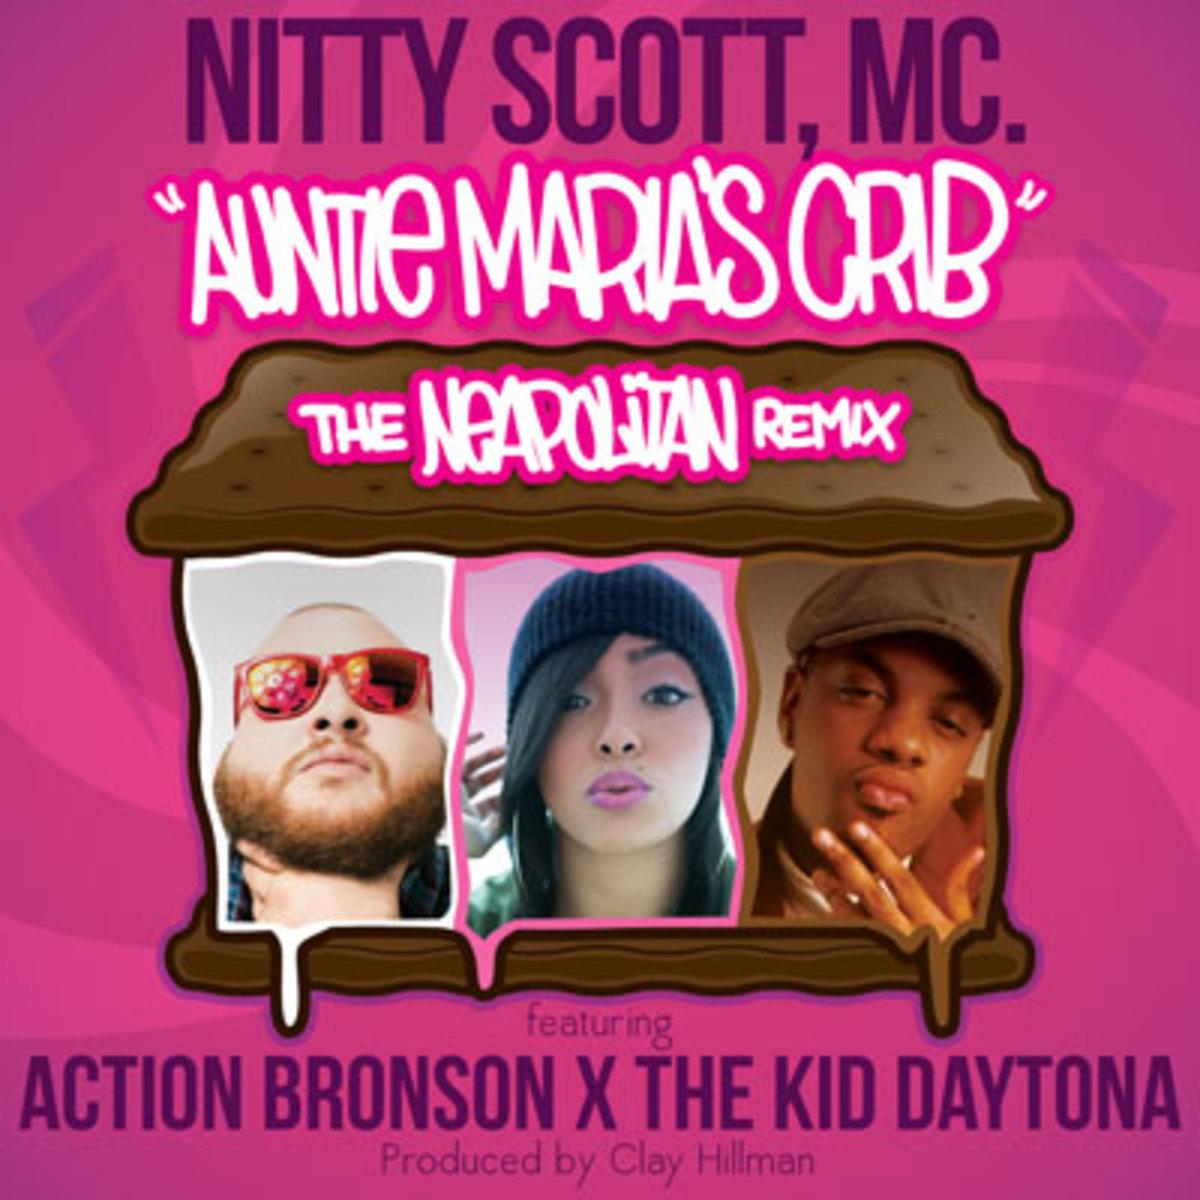 nittyscott-auntiemariescrib.jpg